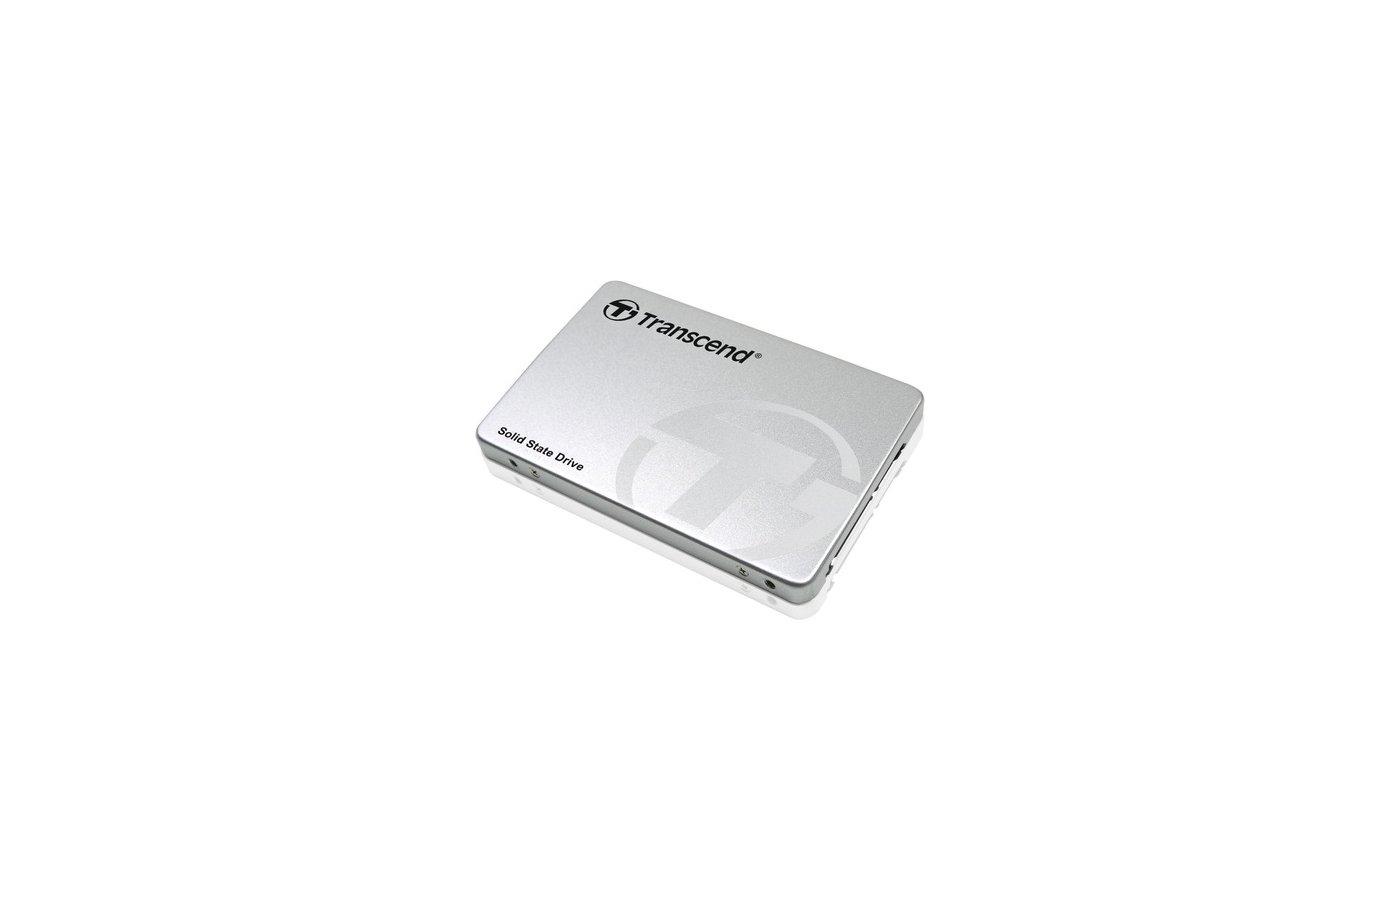 """SSD жесткий диск Transcend 256GB SSD, 2.5"""", SATA 6Gb/s, MLC TS256GSSD360S"""